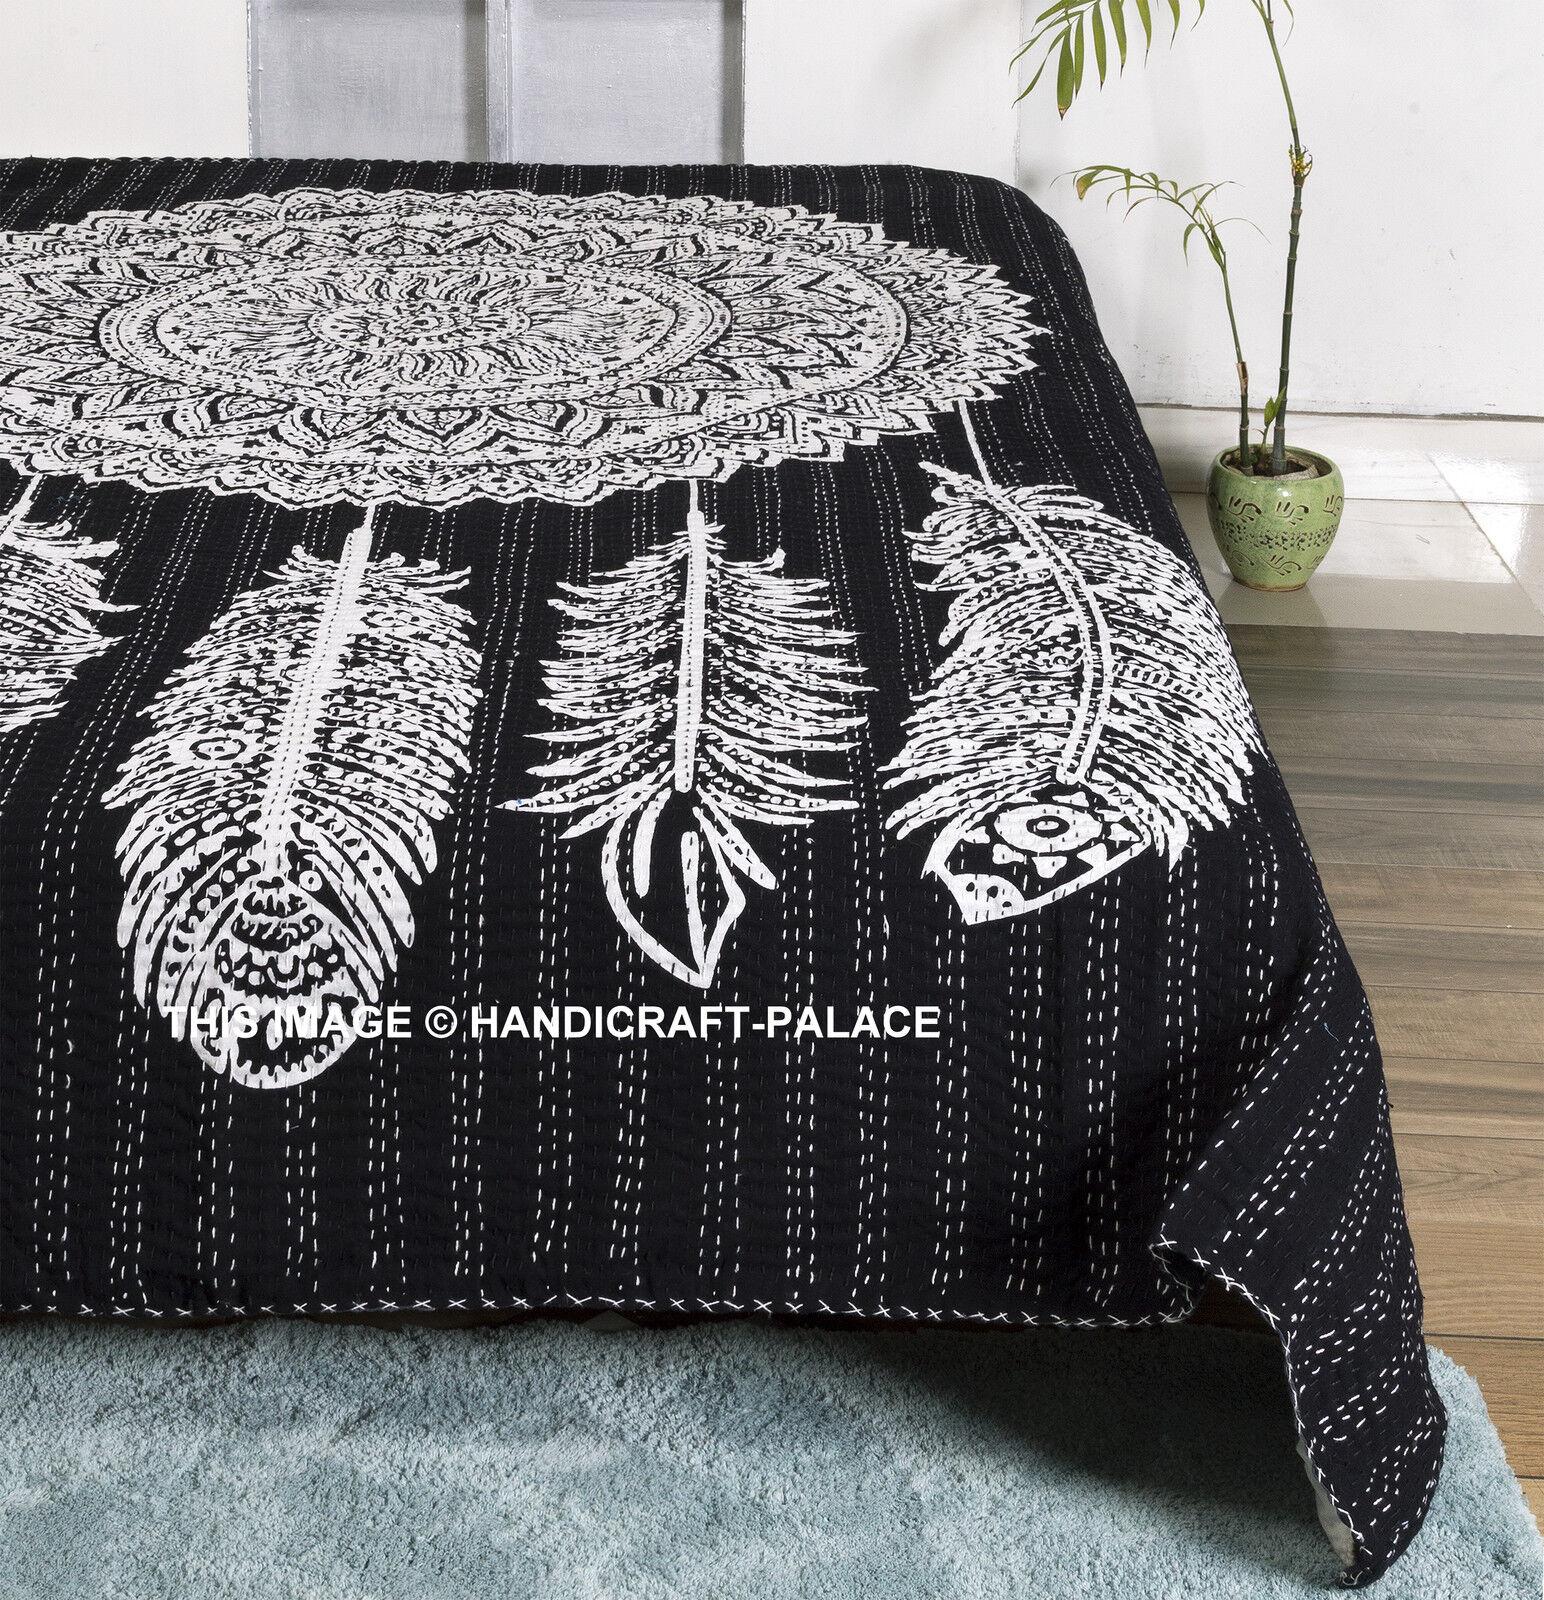 Indian Dream Catcher Kantha Quilt Handmade Bedding Bedspread Queen Größe Blanket